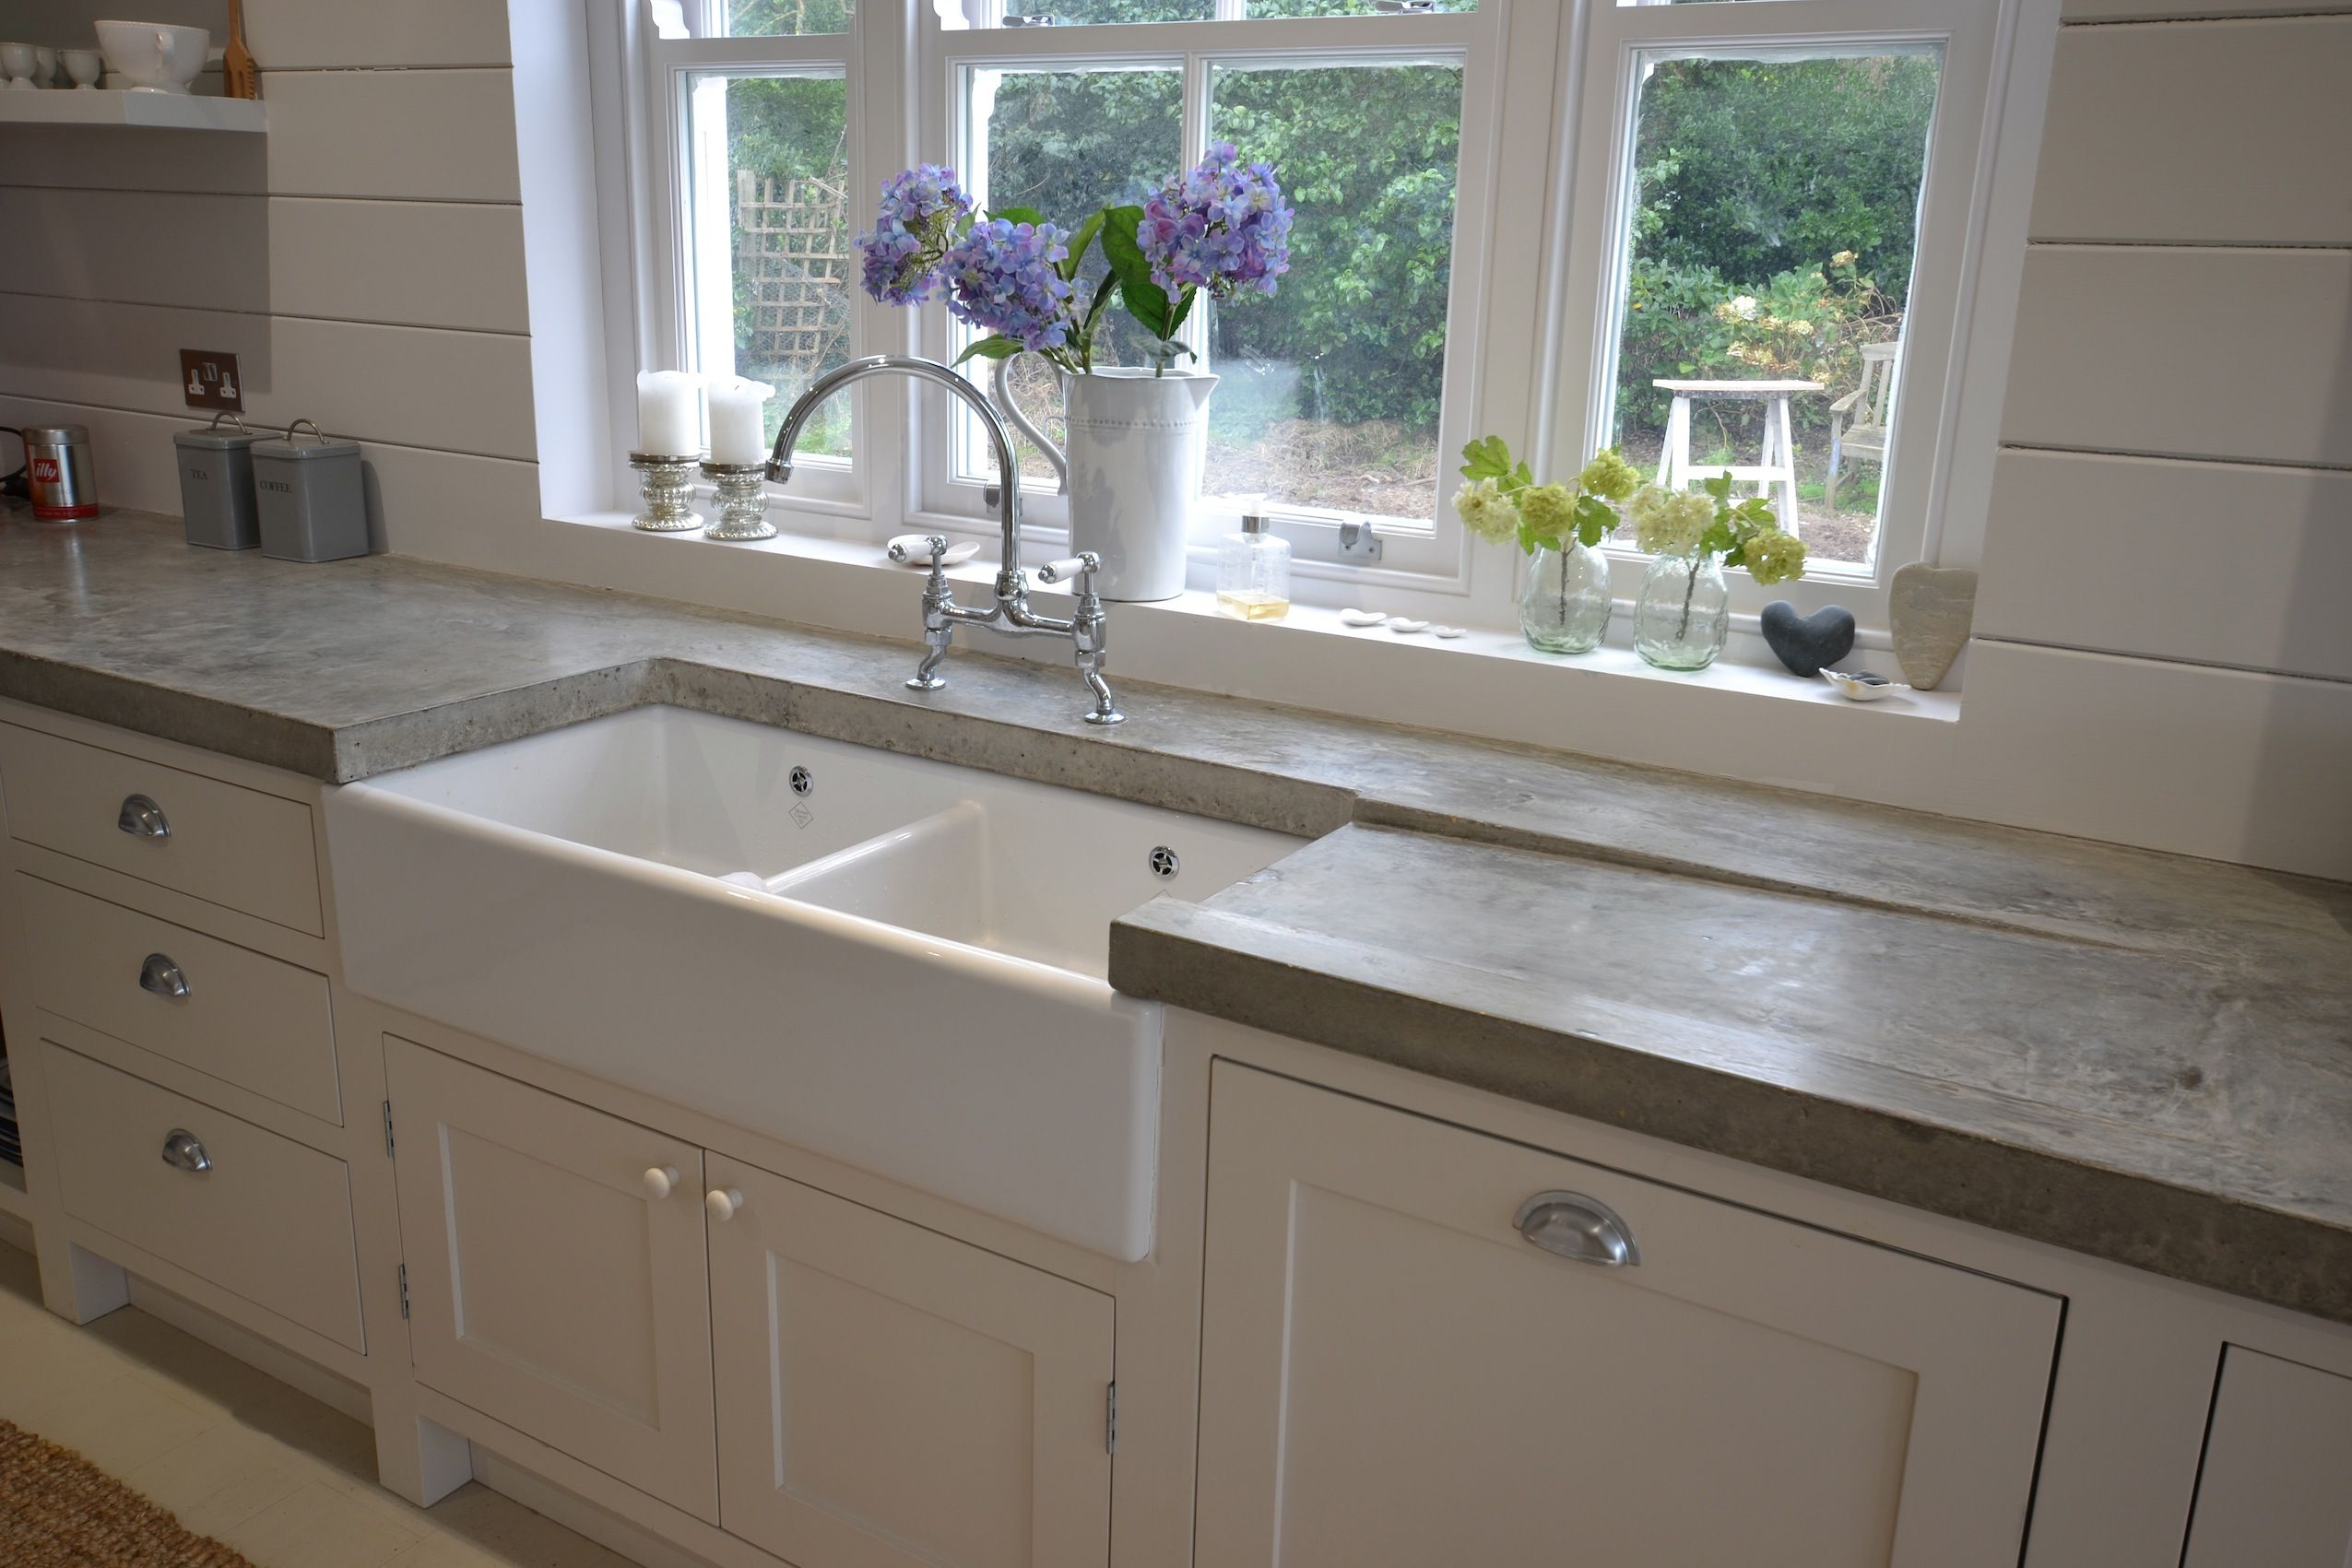 arnolds kitchens bespoke freestanding hand built kitchens. Black Bedroom Furniture Sets. Home Design Ideas